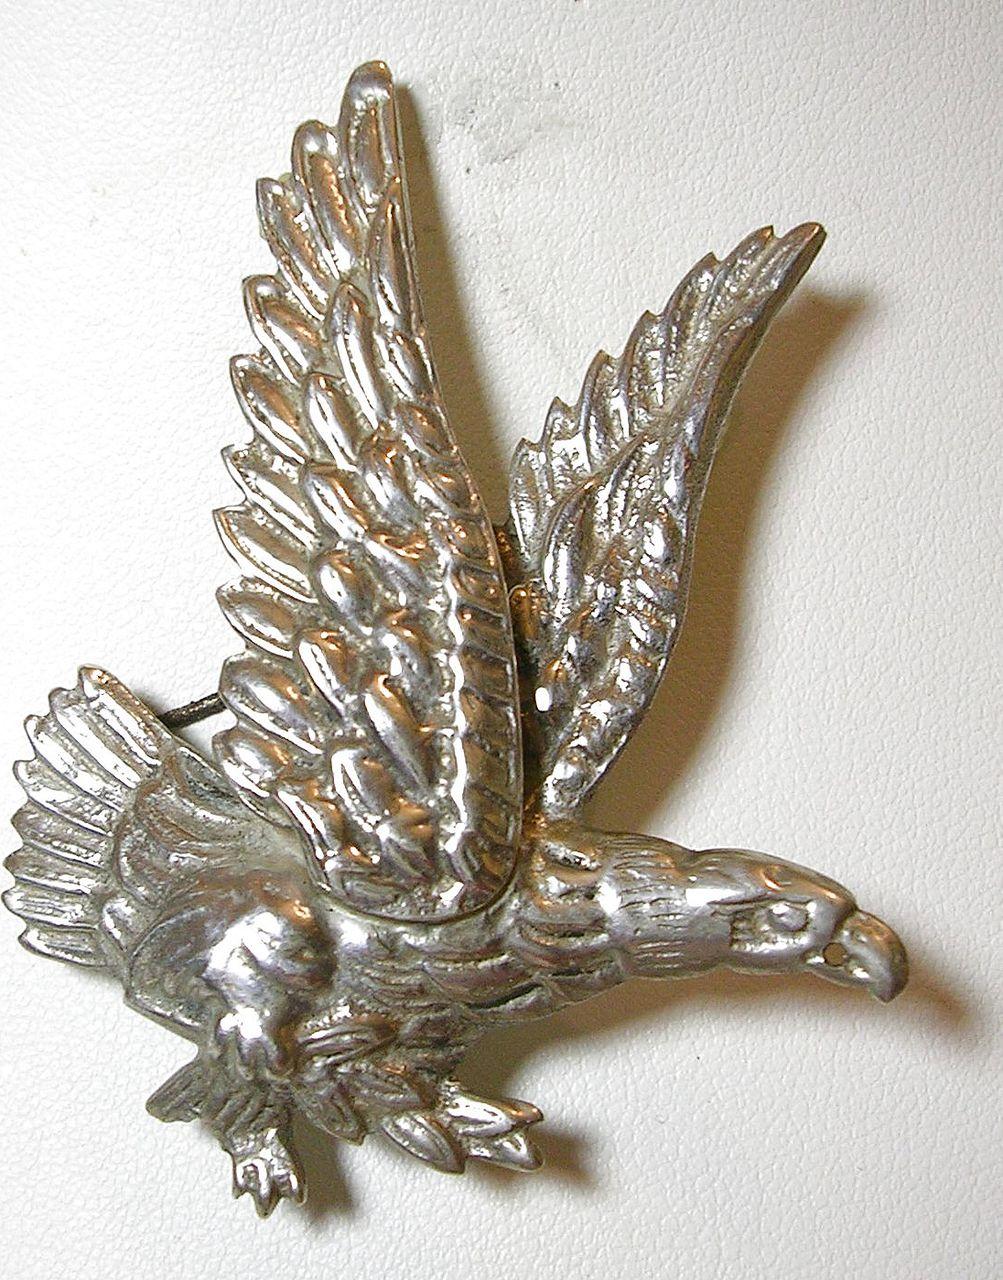 Vintage Bald Eagle Sterling Silver Pin Brooch – c. 1960